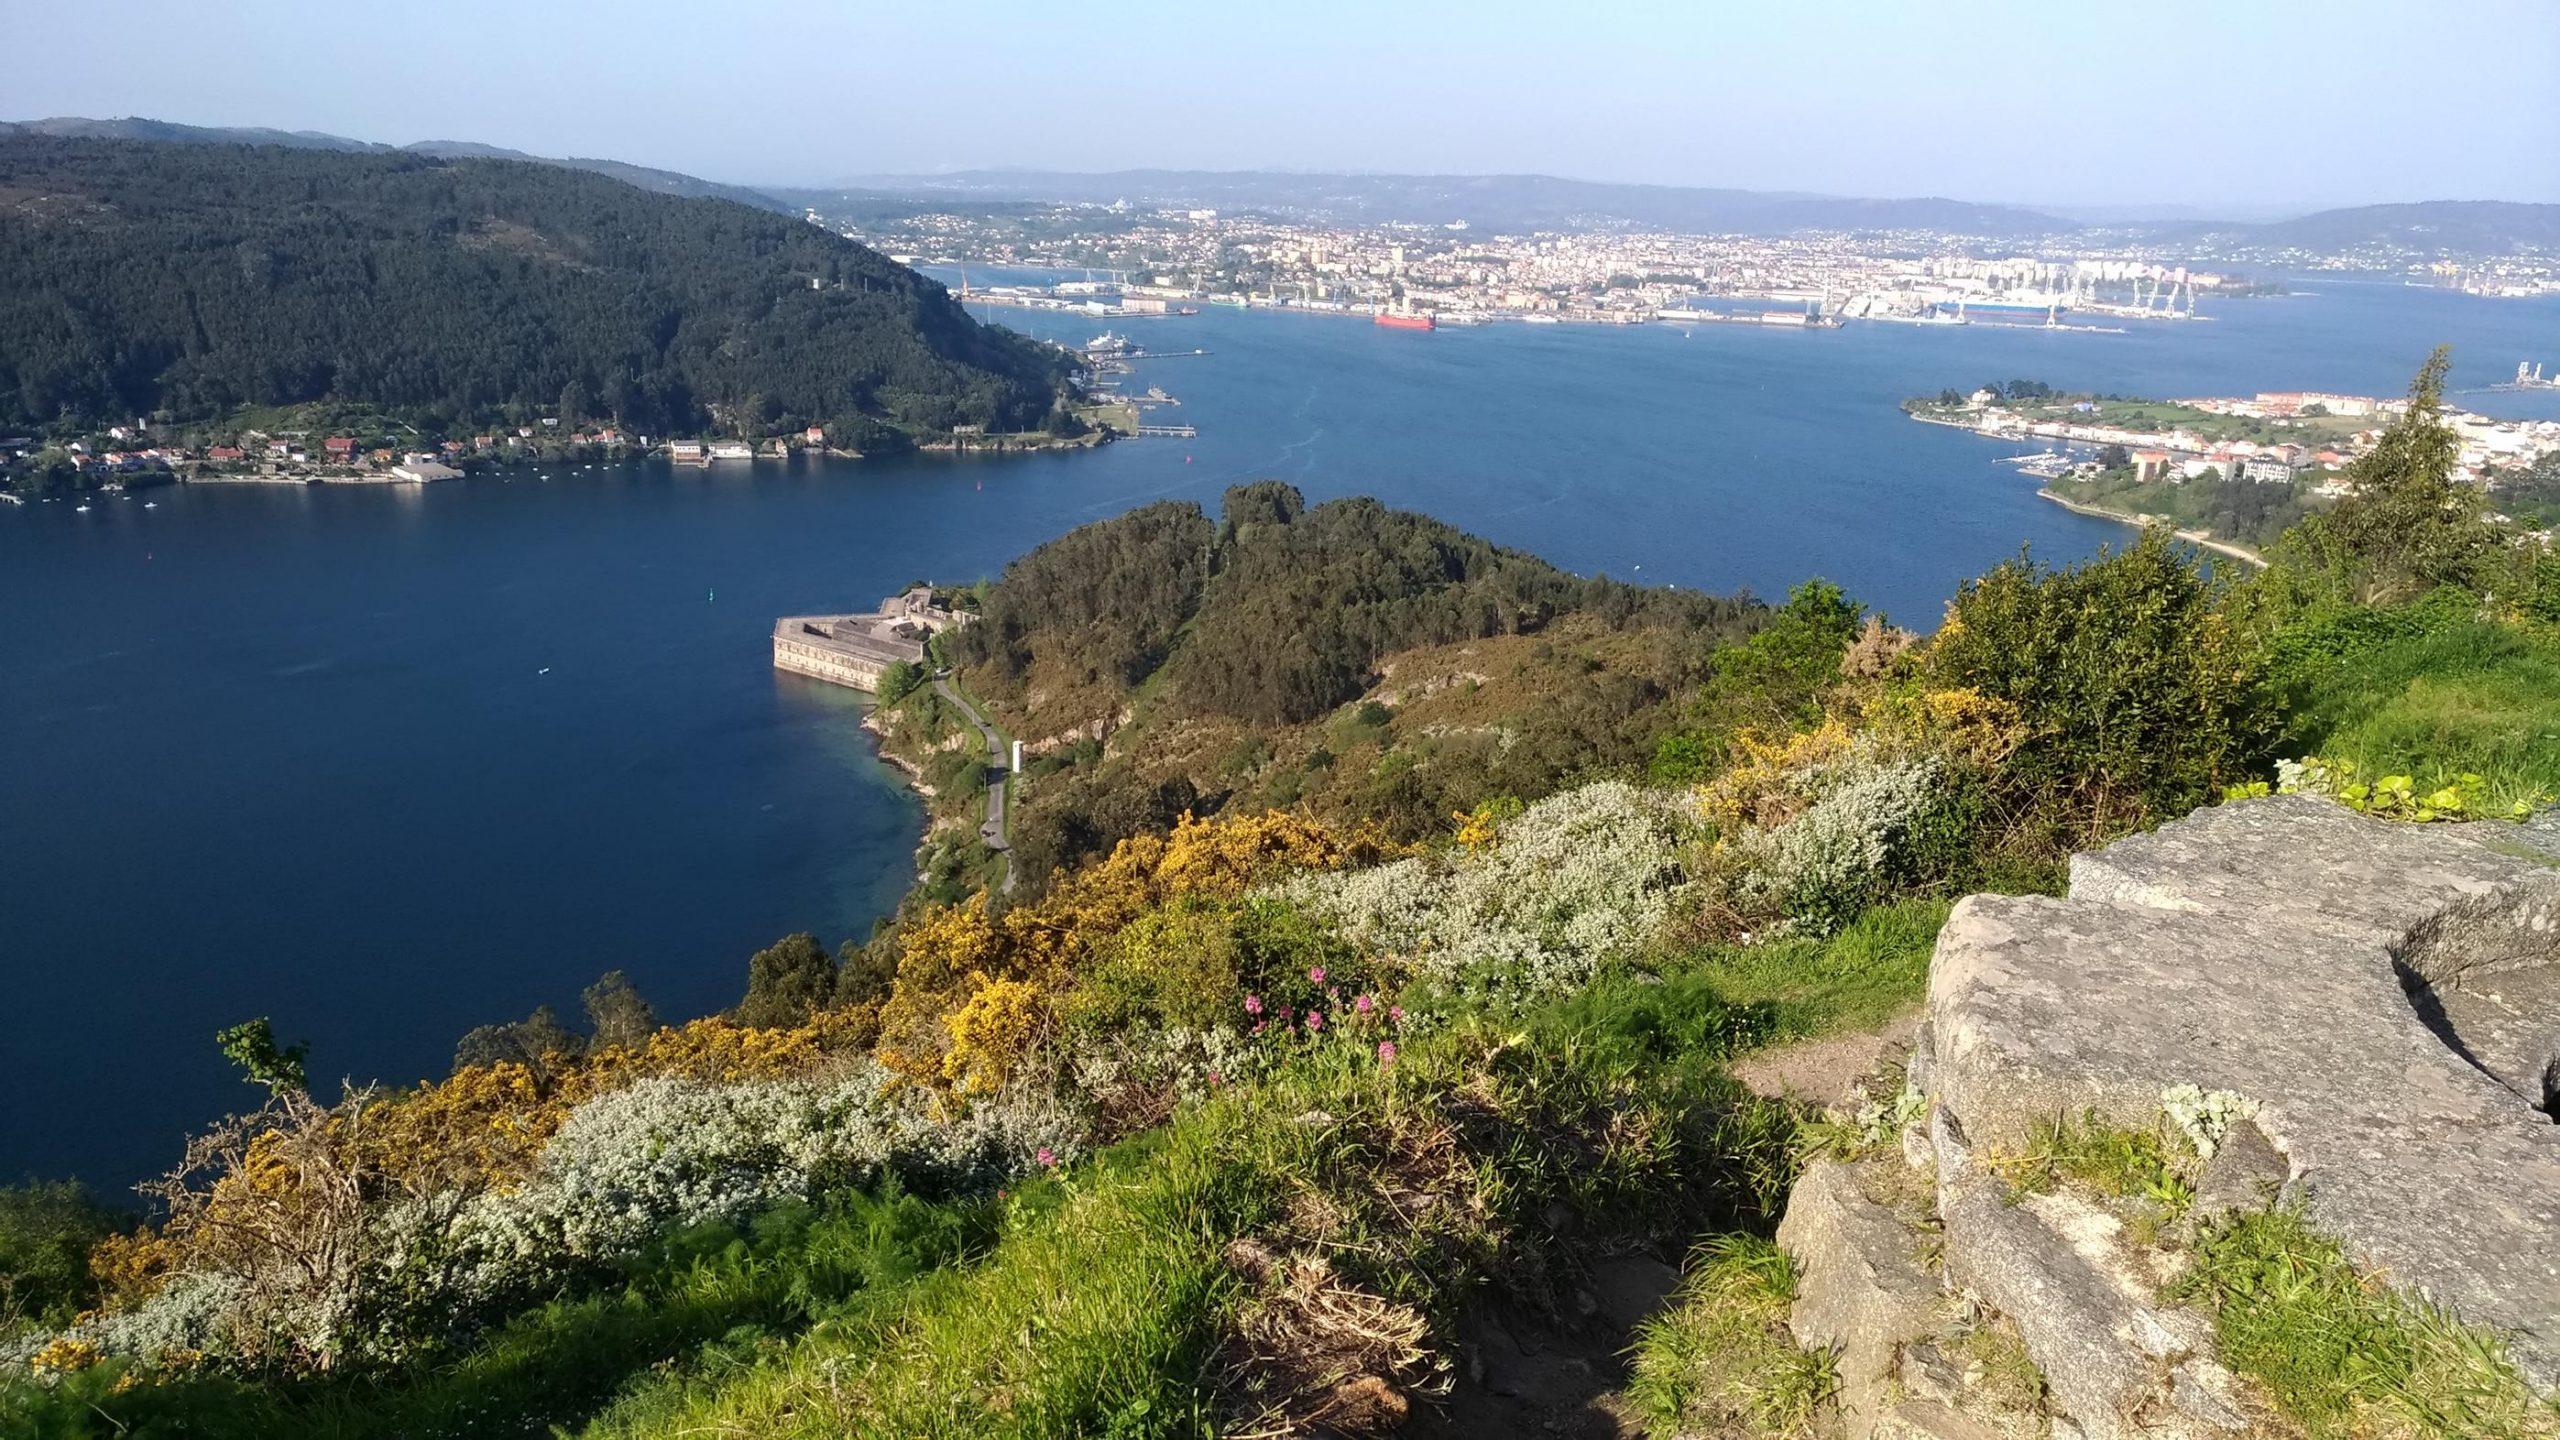 Vista de la Ria hacia Ferrol